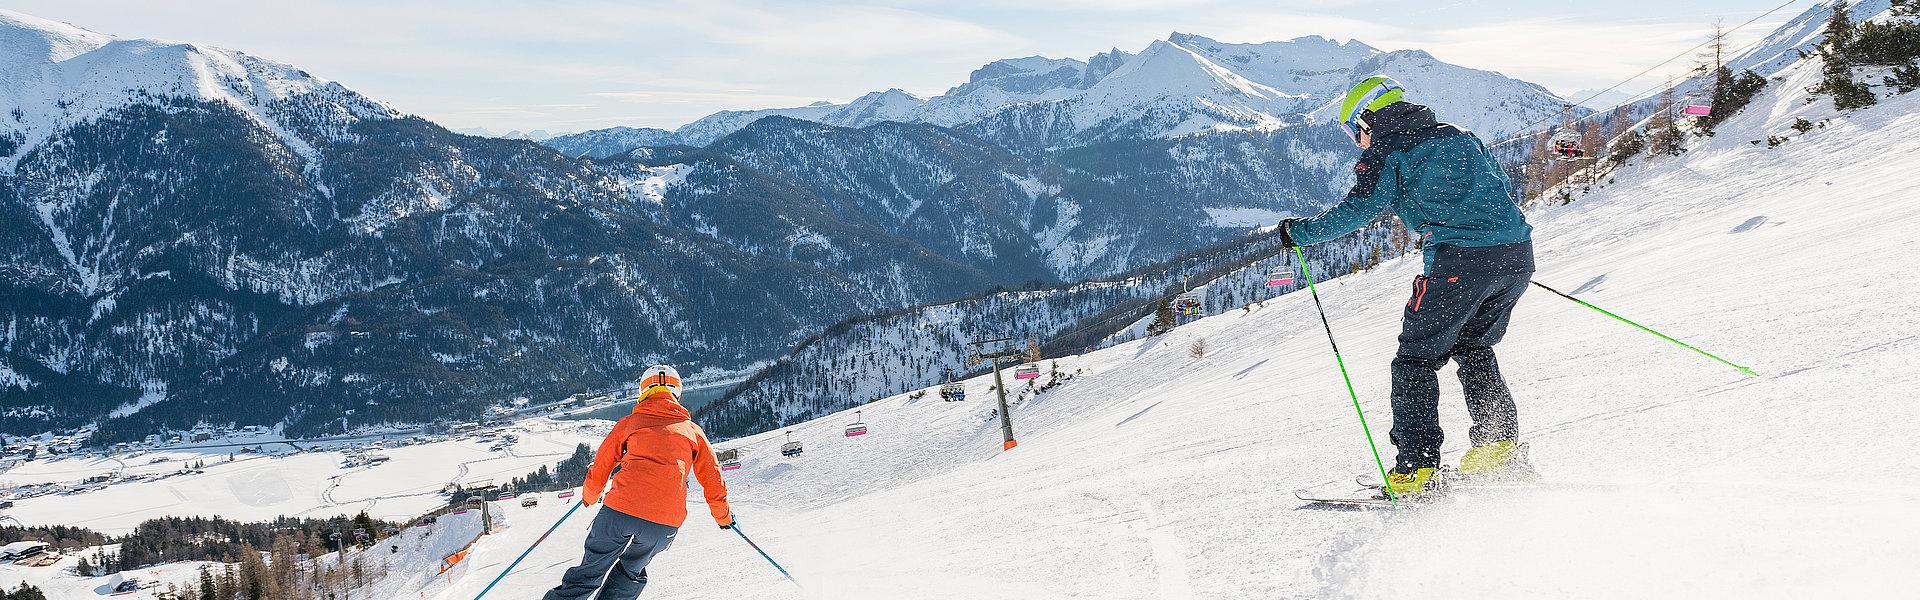 Skifahren in Achenkirch am Achensee | © Achensee Tourismus